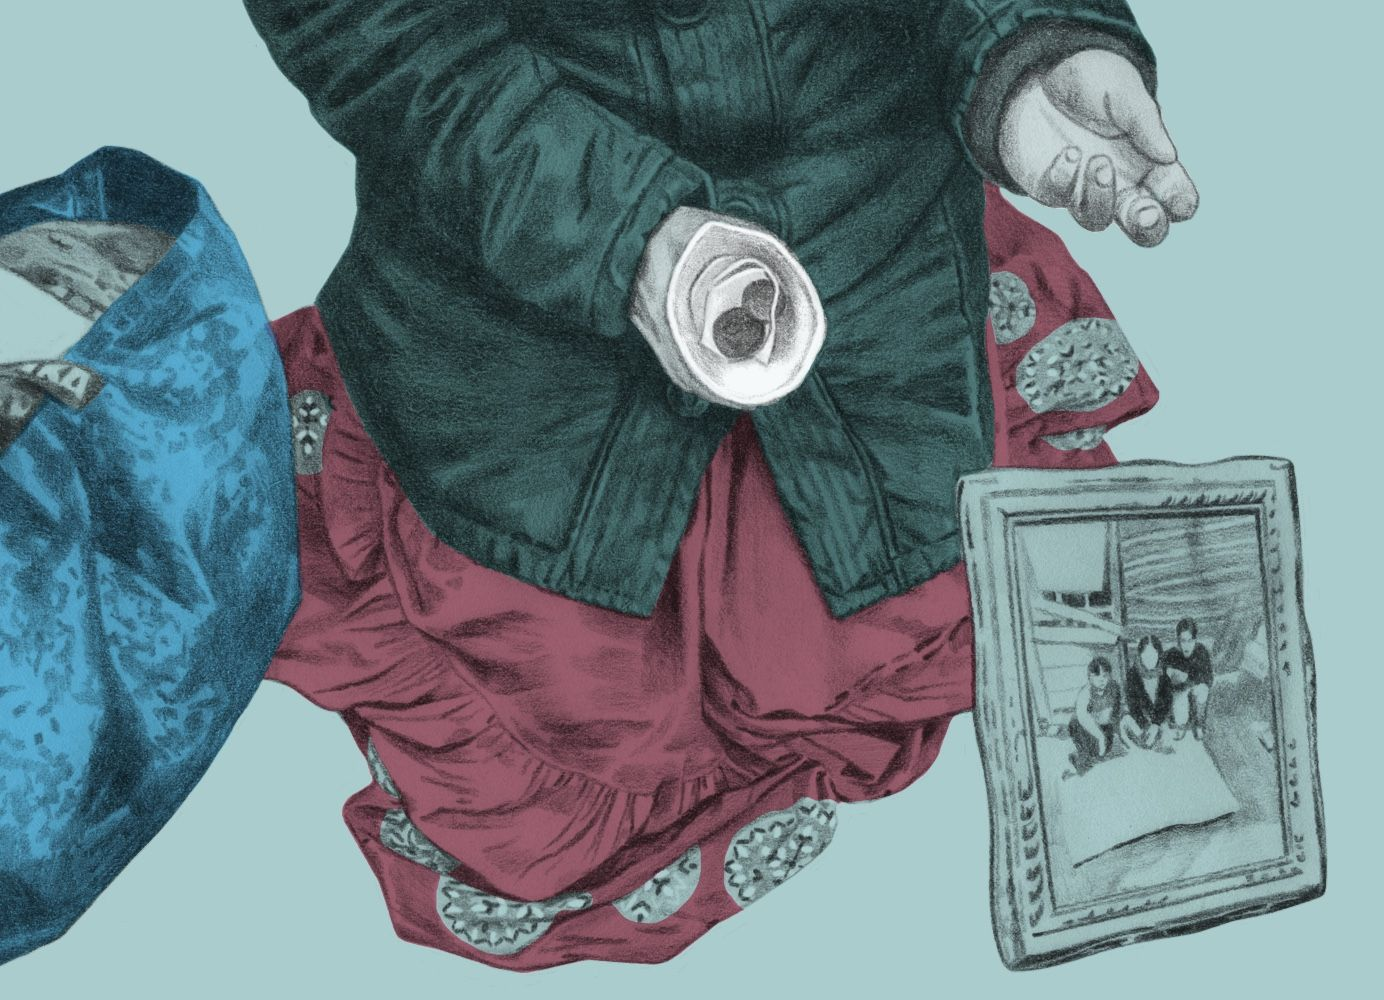 Bilden föreställer en person som tigger. I sin hand håller personen en mugg med lite mynt i. Vid sina ben syns en tavla med barn på samt en fylld Ikea-påse